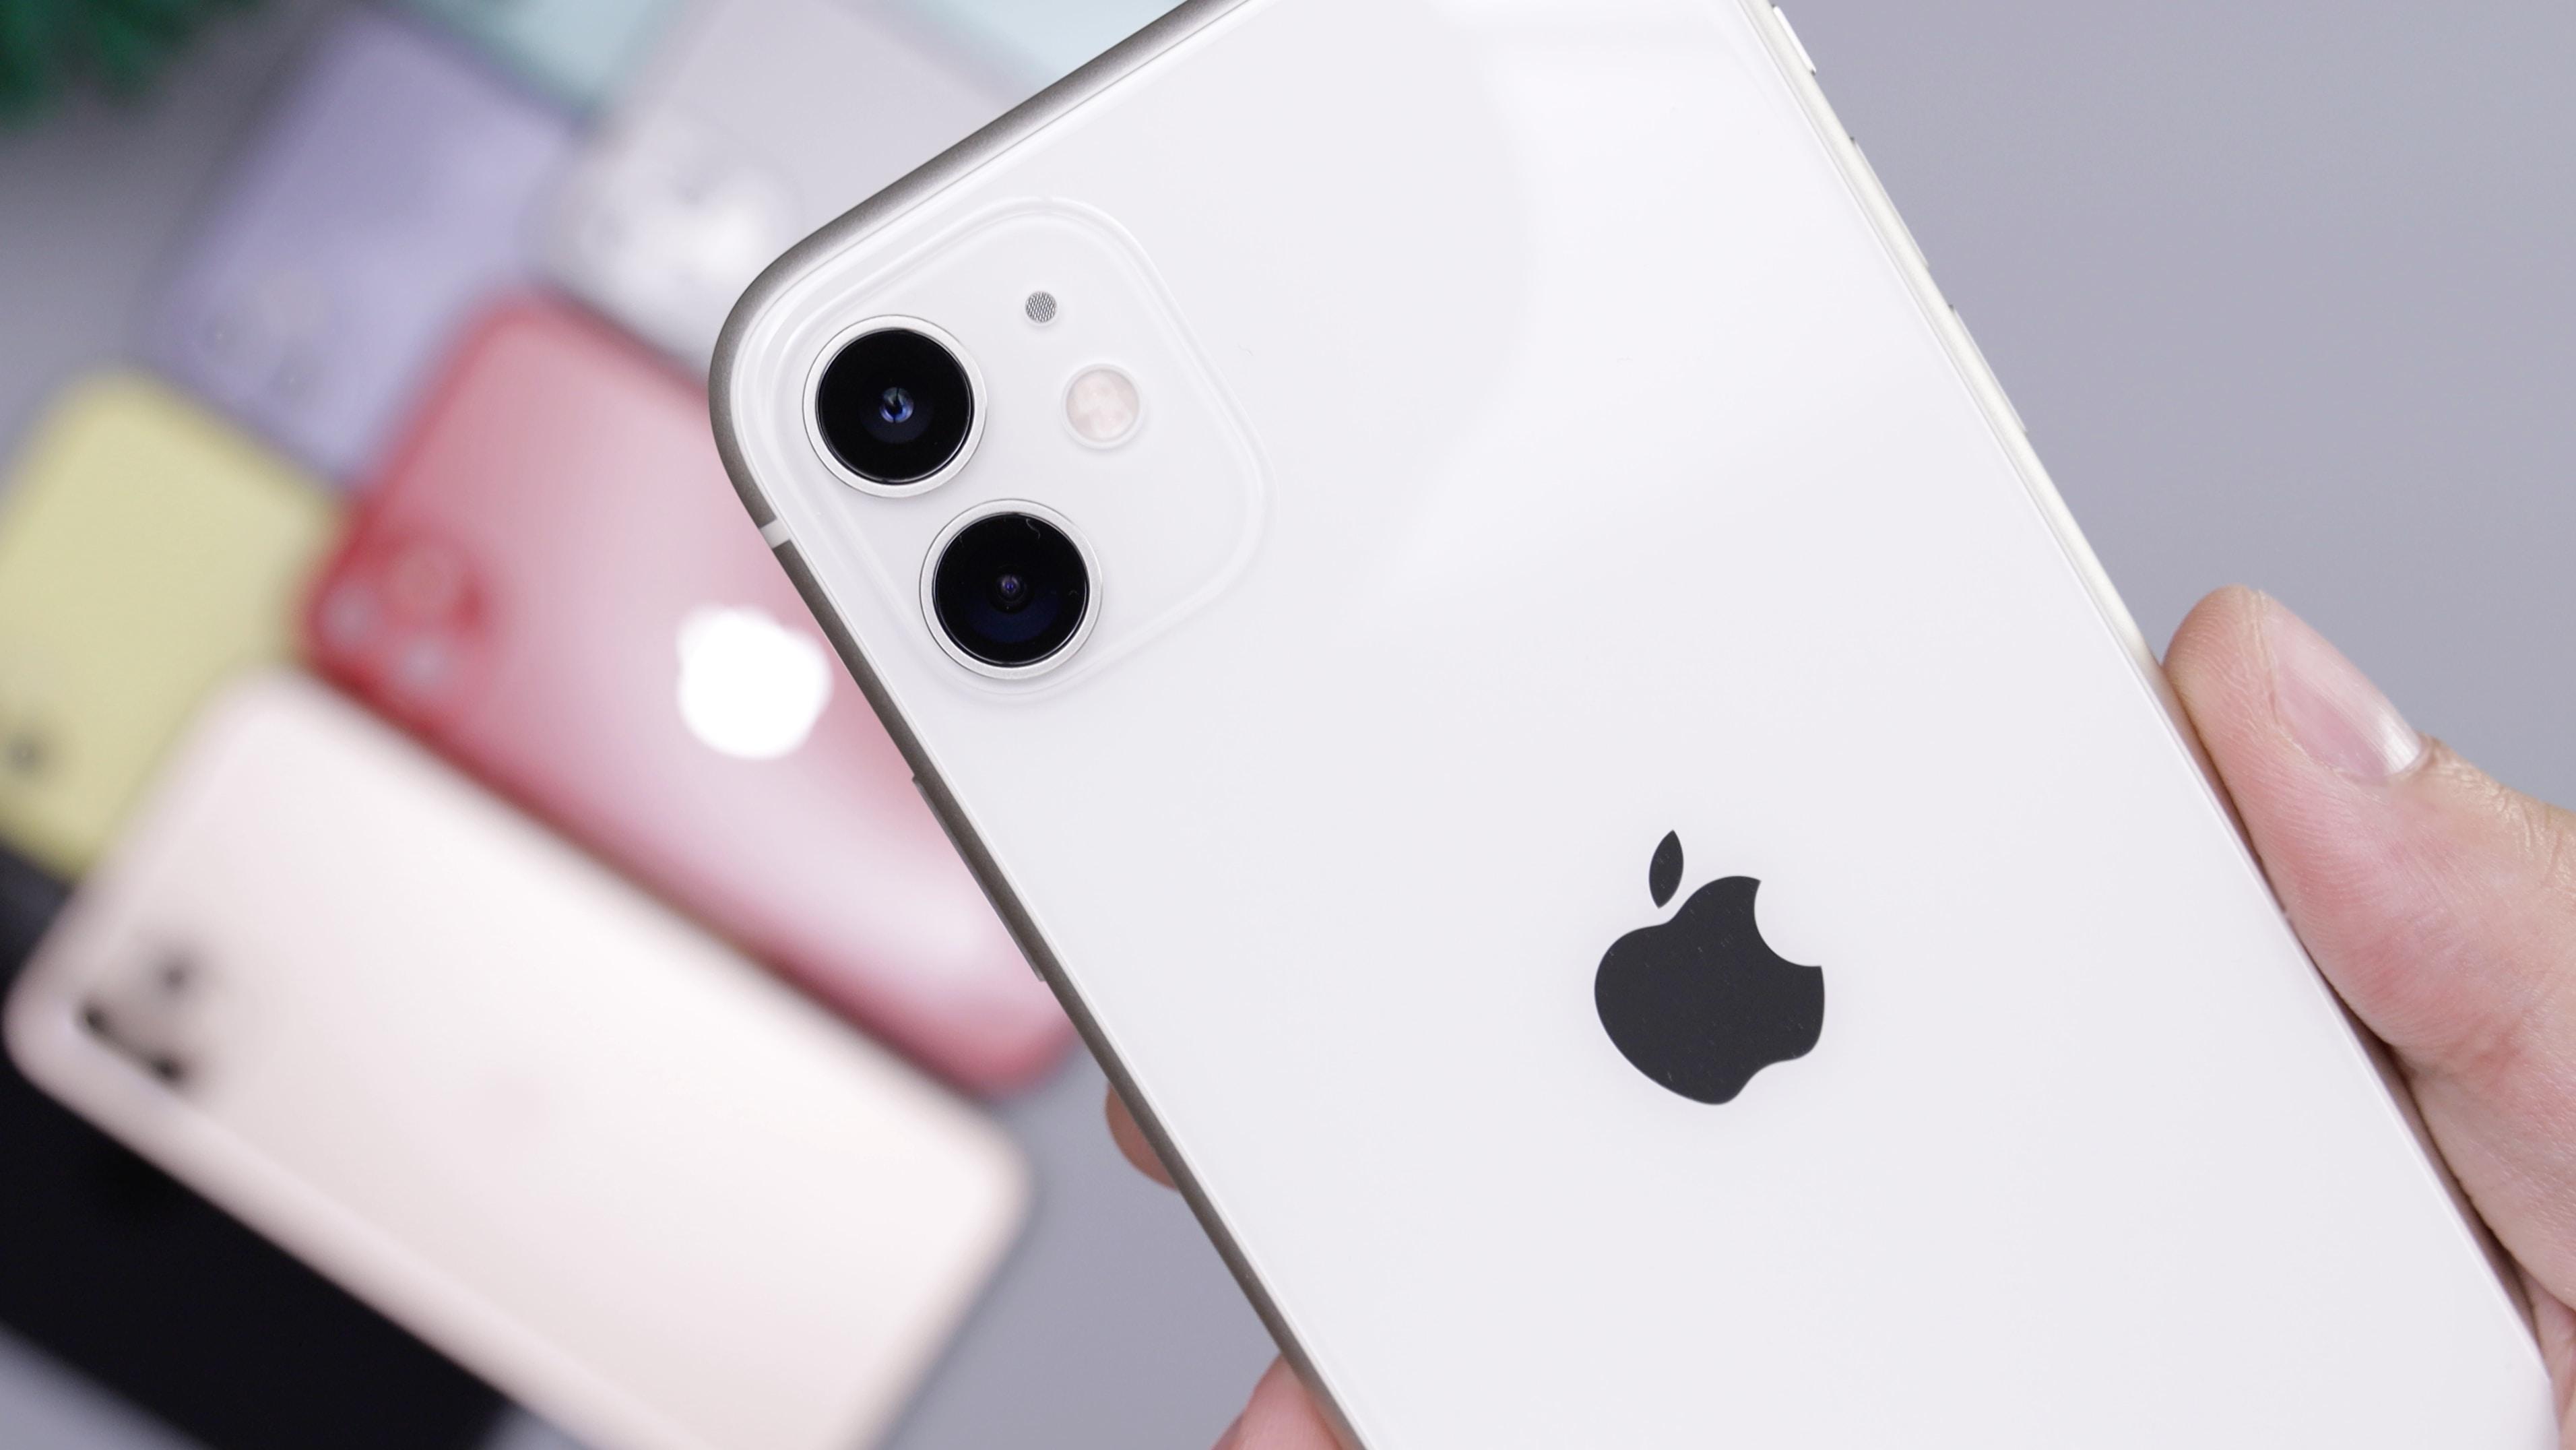 Pourquoi l'iPhone 11 récupère votre localisation sans autorisation ? Apple a la réponse